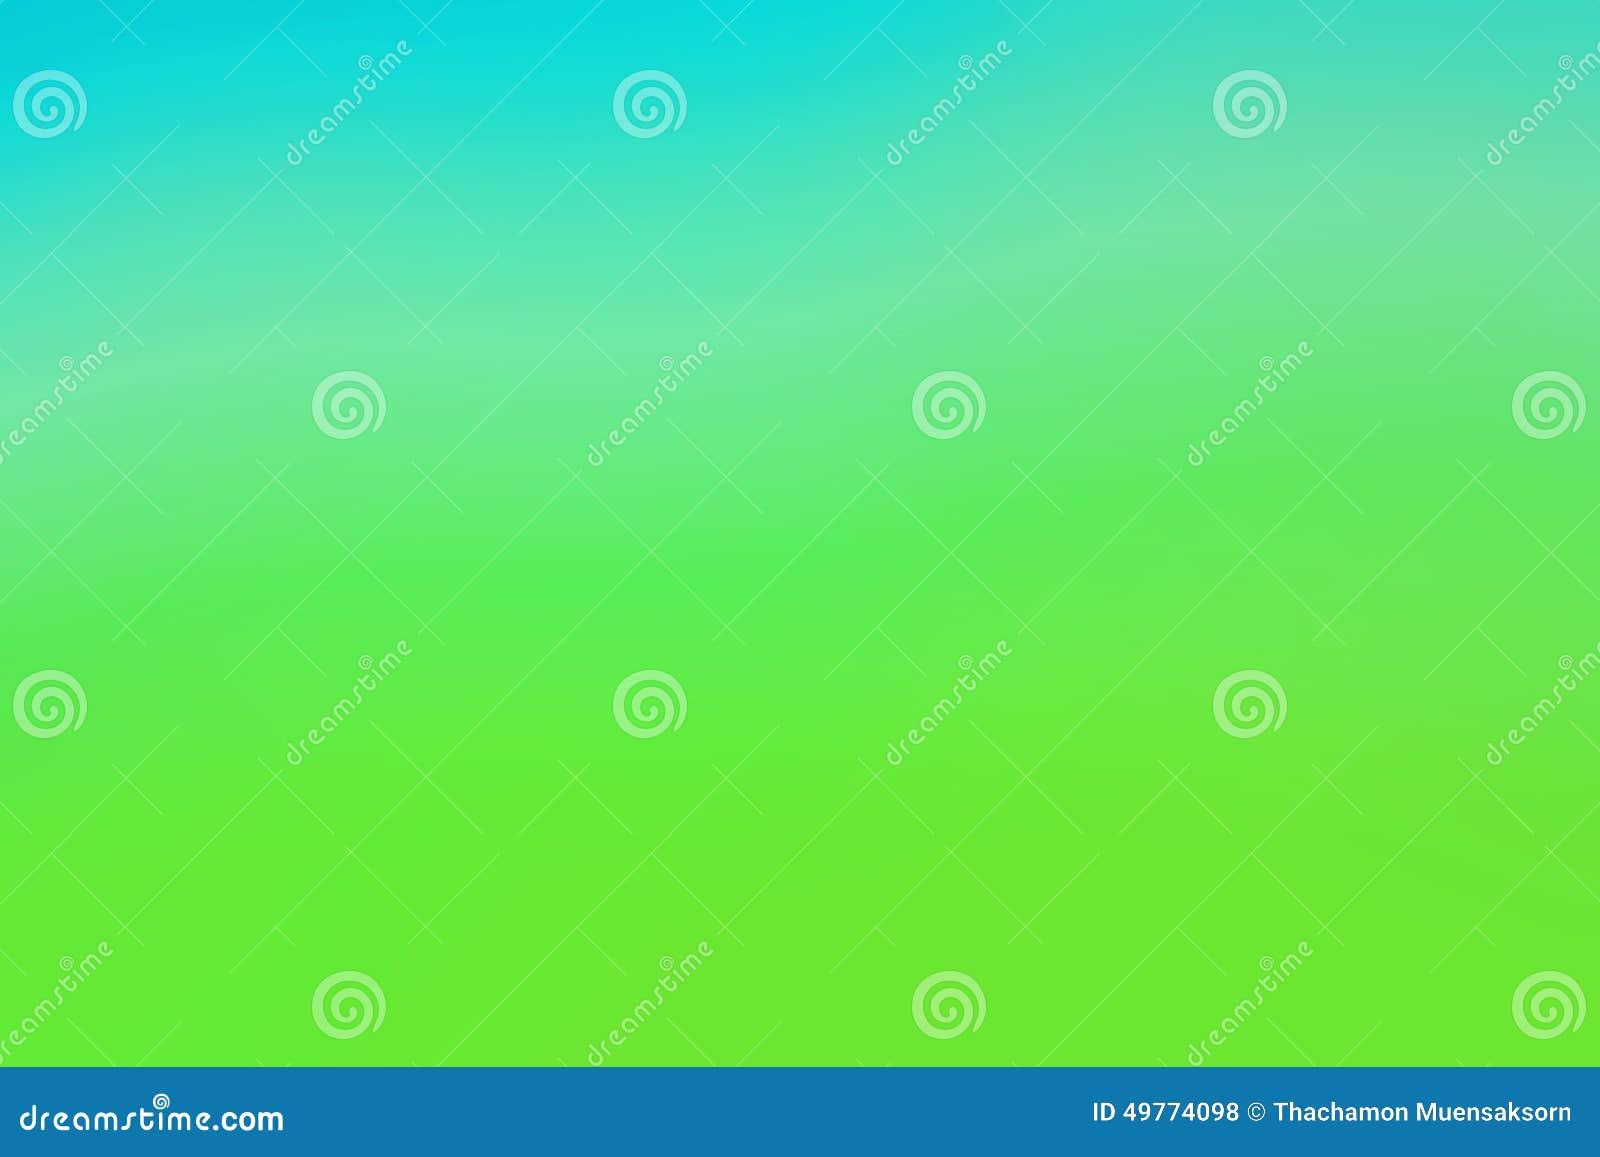 Couleur vert bleu de fond abstrait trouble photo stock for Couleur bleu vert